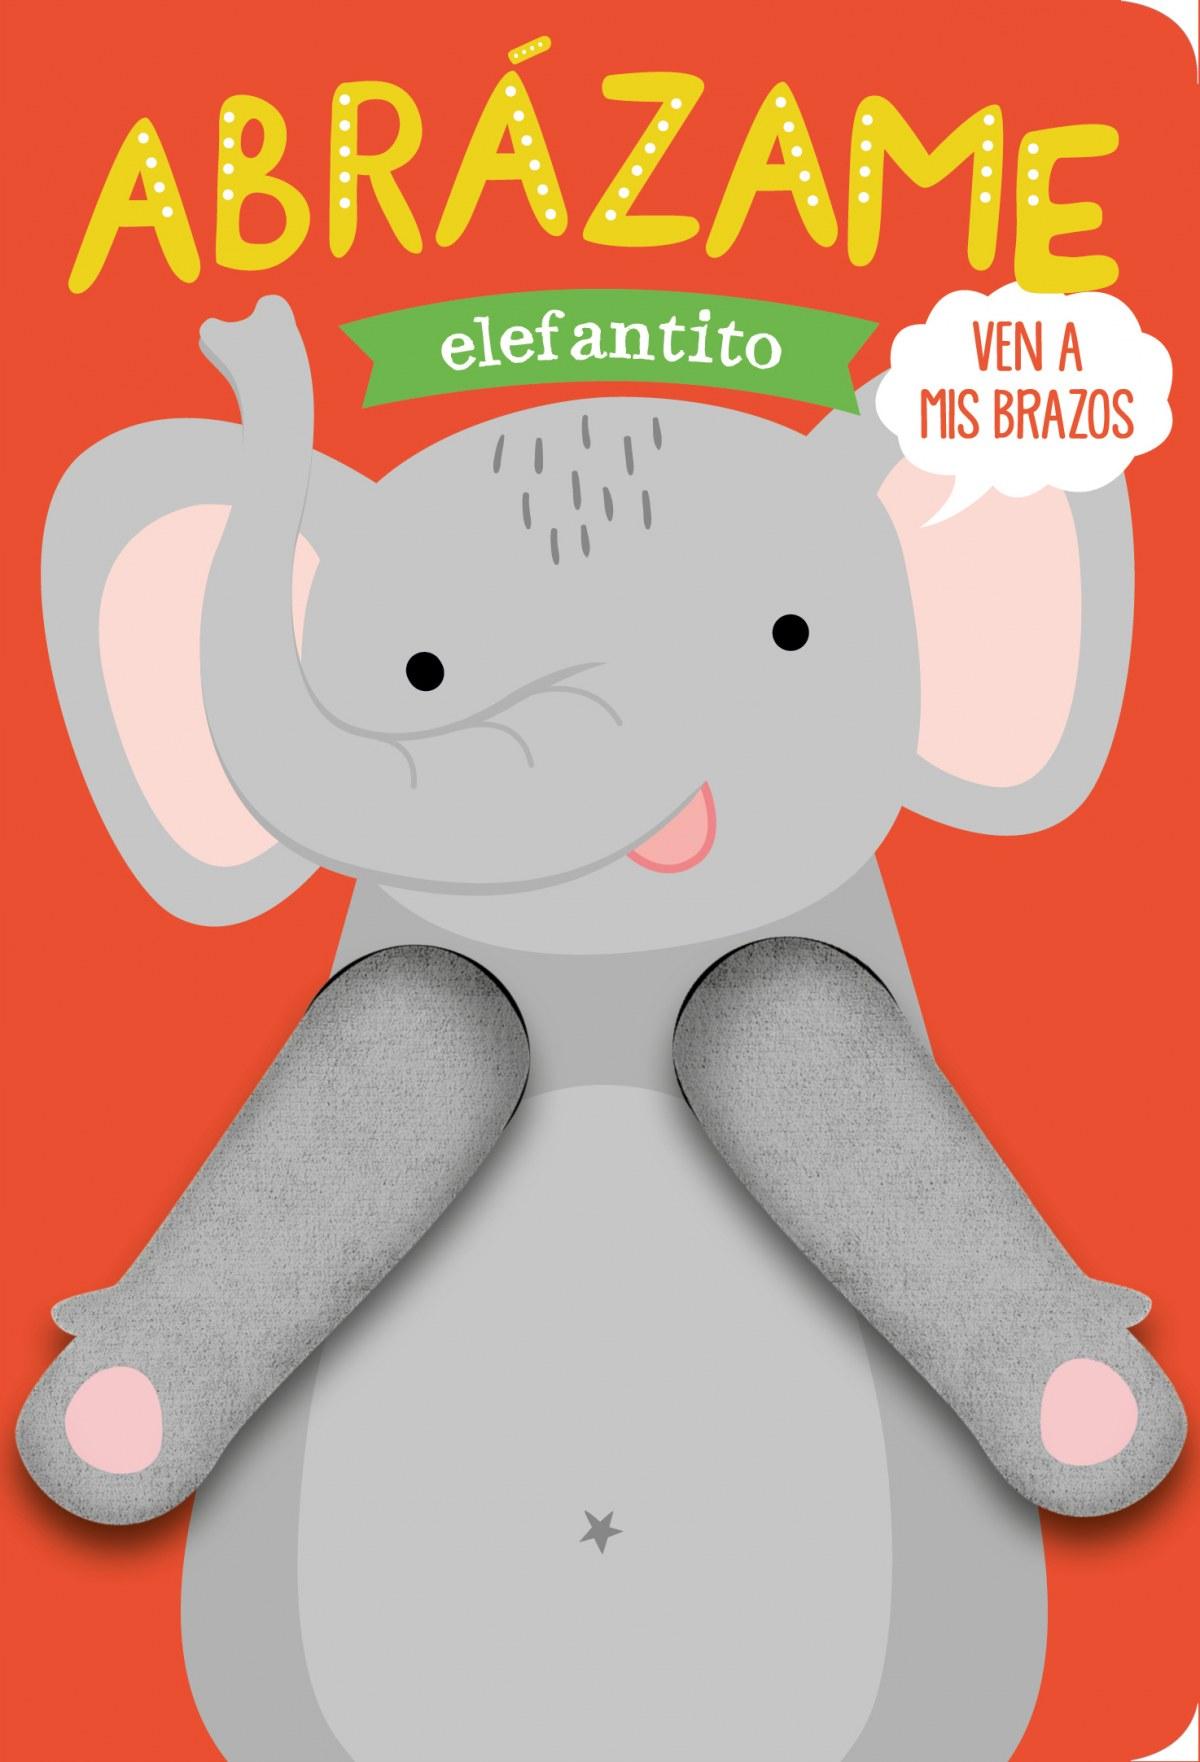 Abrázame elefantito